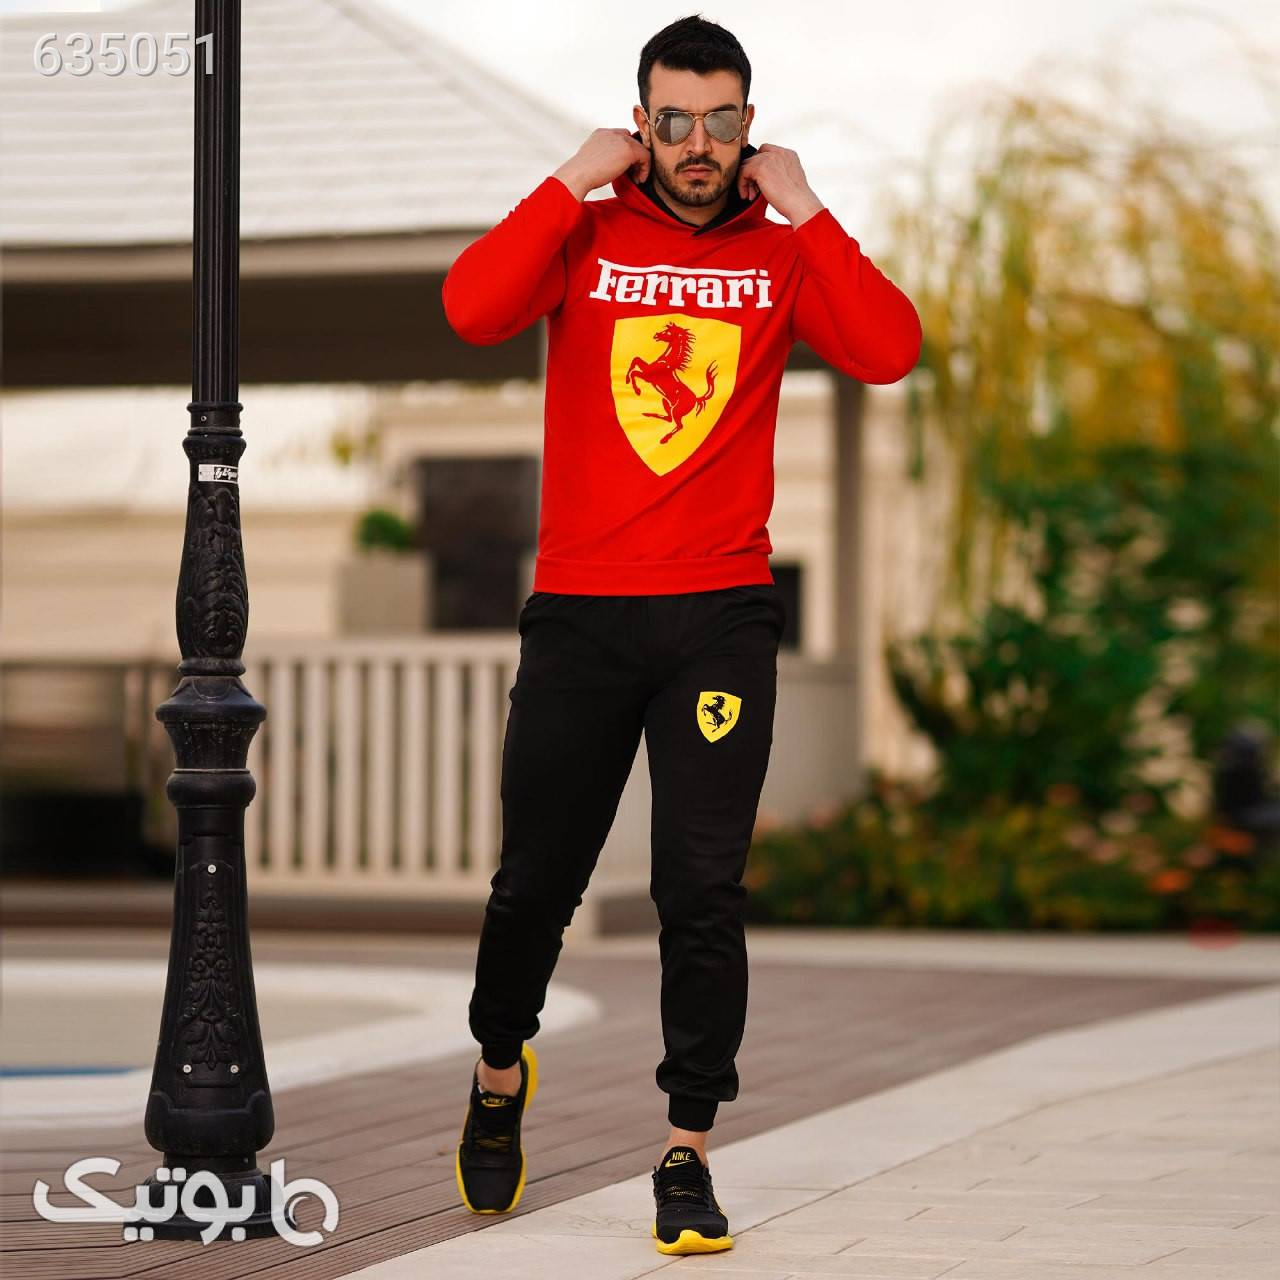 ست سویشرت و شلوارFerrari(زرد،قرمز) مشکی ست ورزشی مردانه